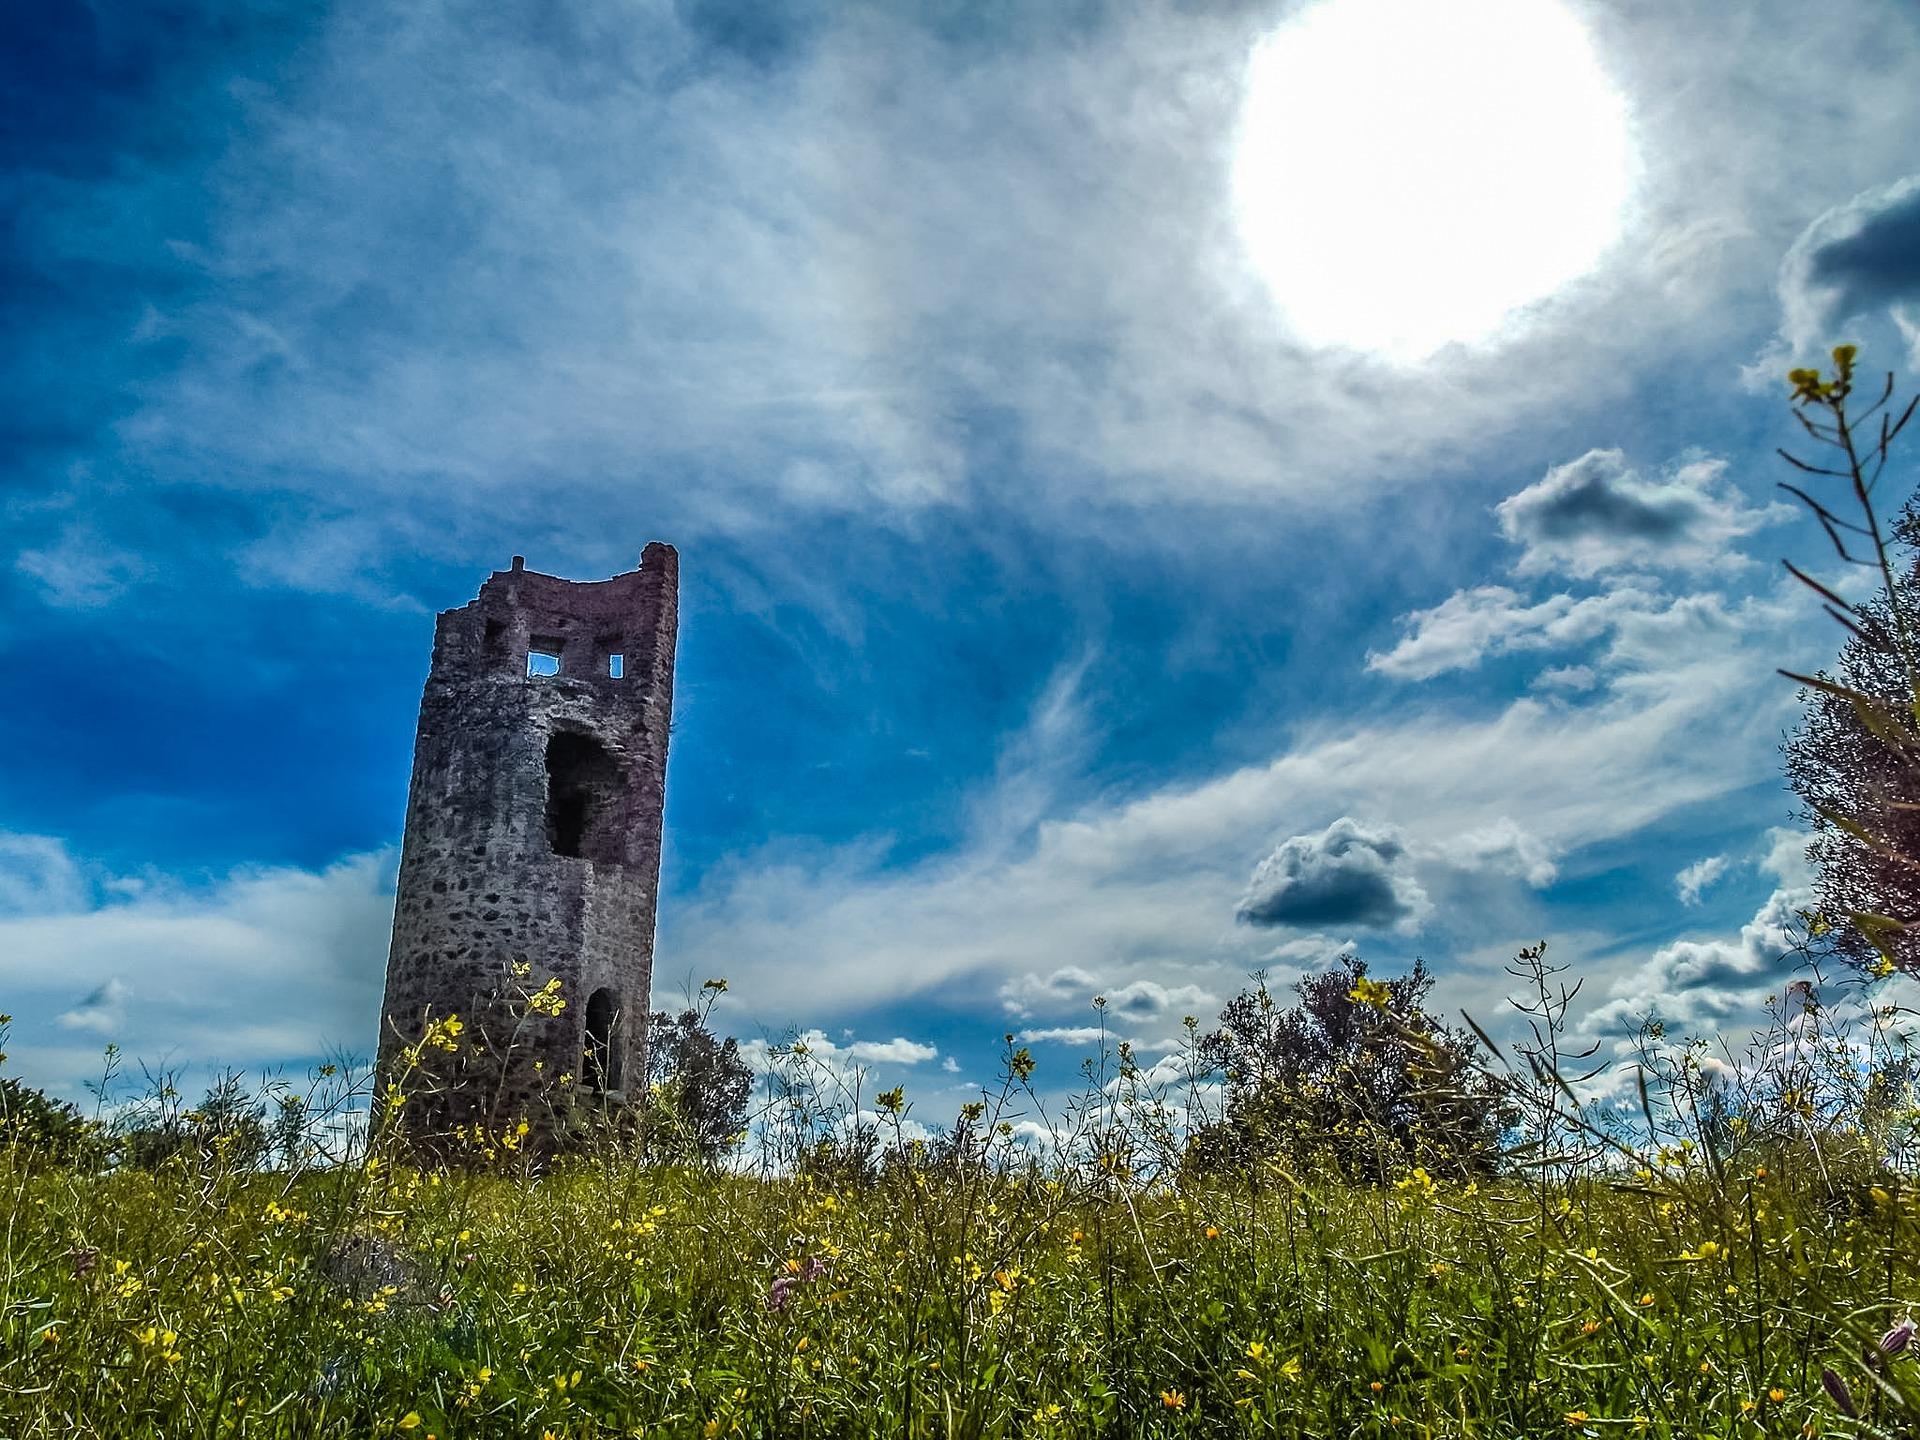 tower-of-atalaia-magra-2677622_1920